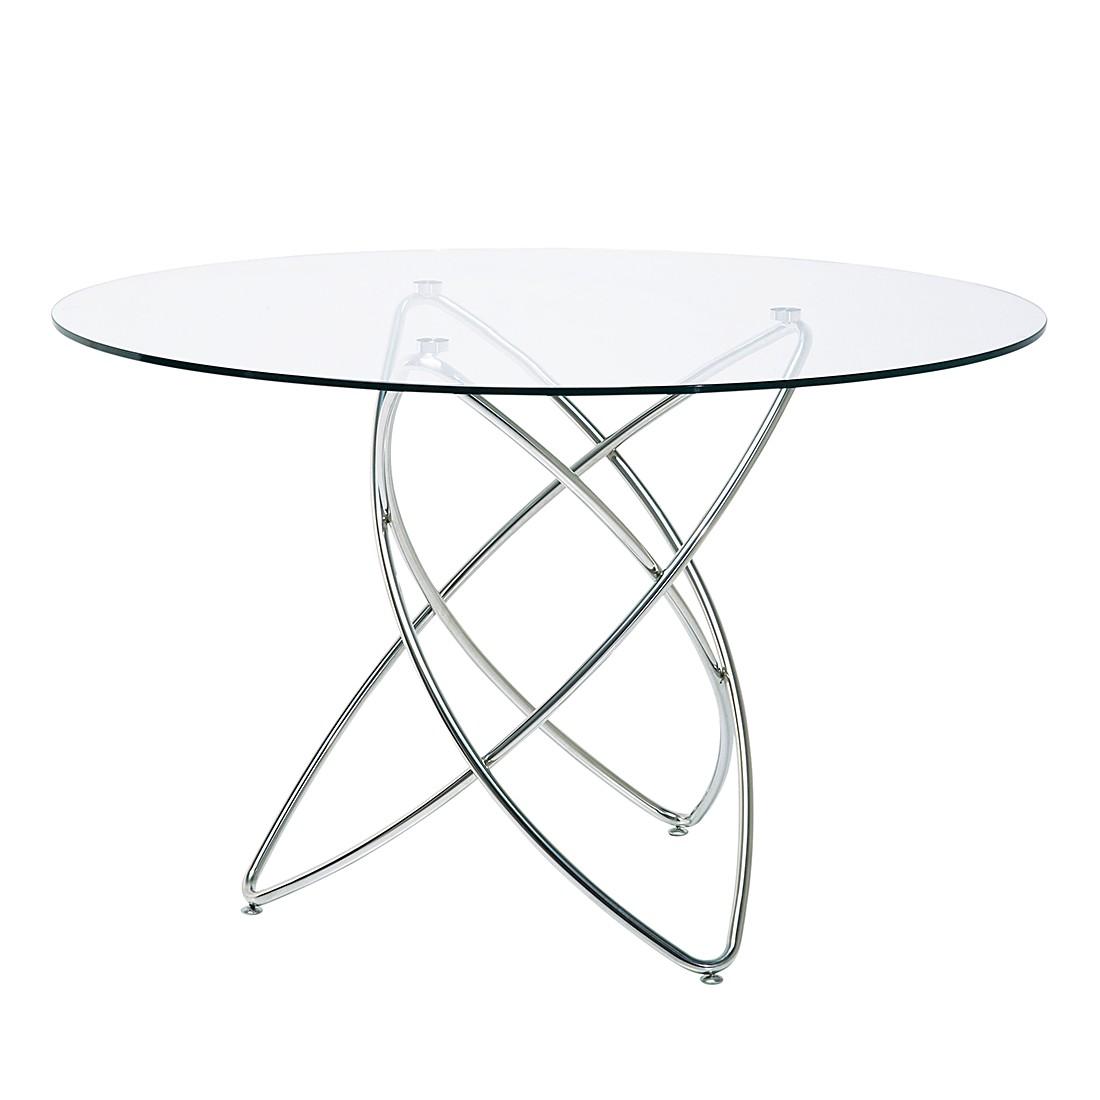 Tisch molekular edelstahl glas kare design g nstig kaufen for Design tisch glas